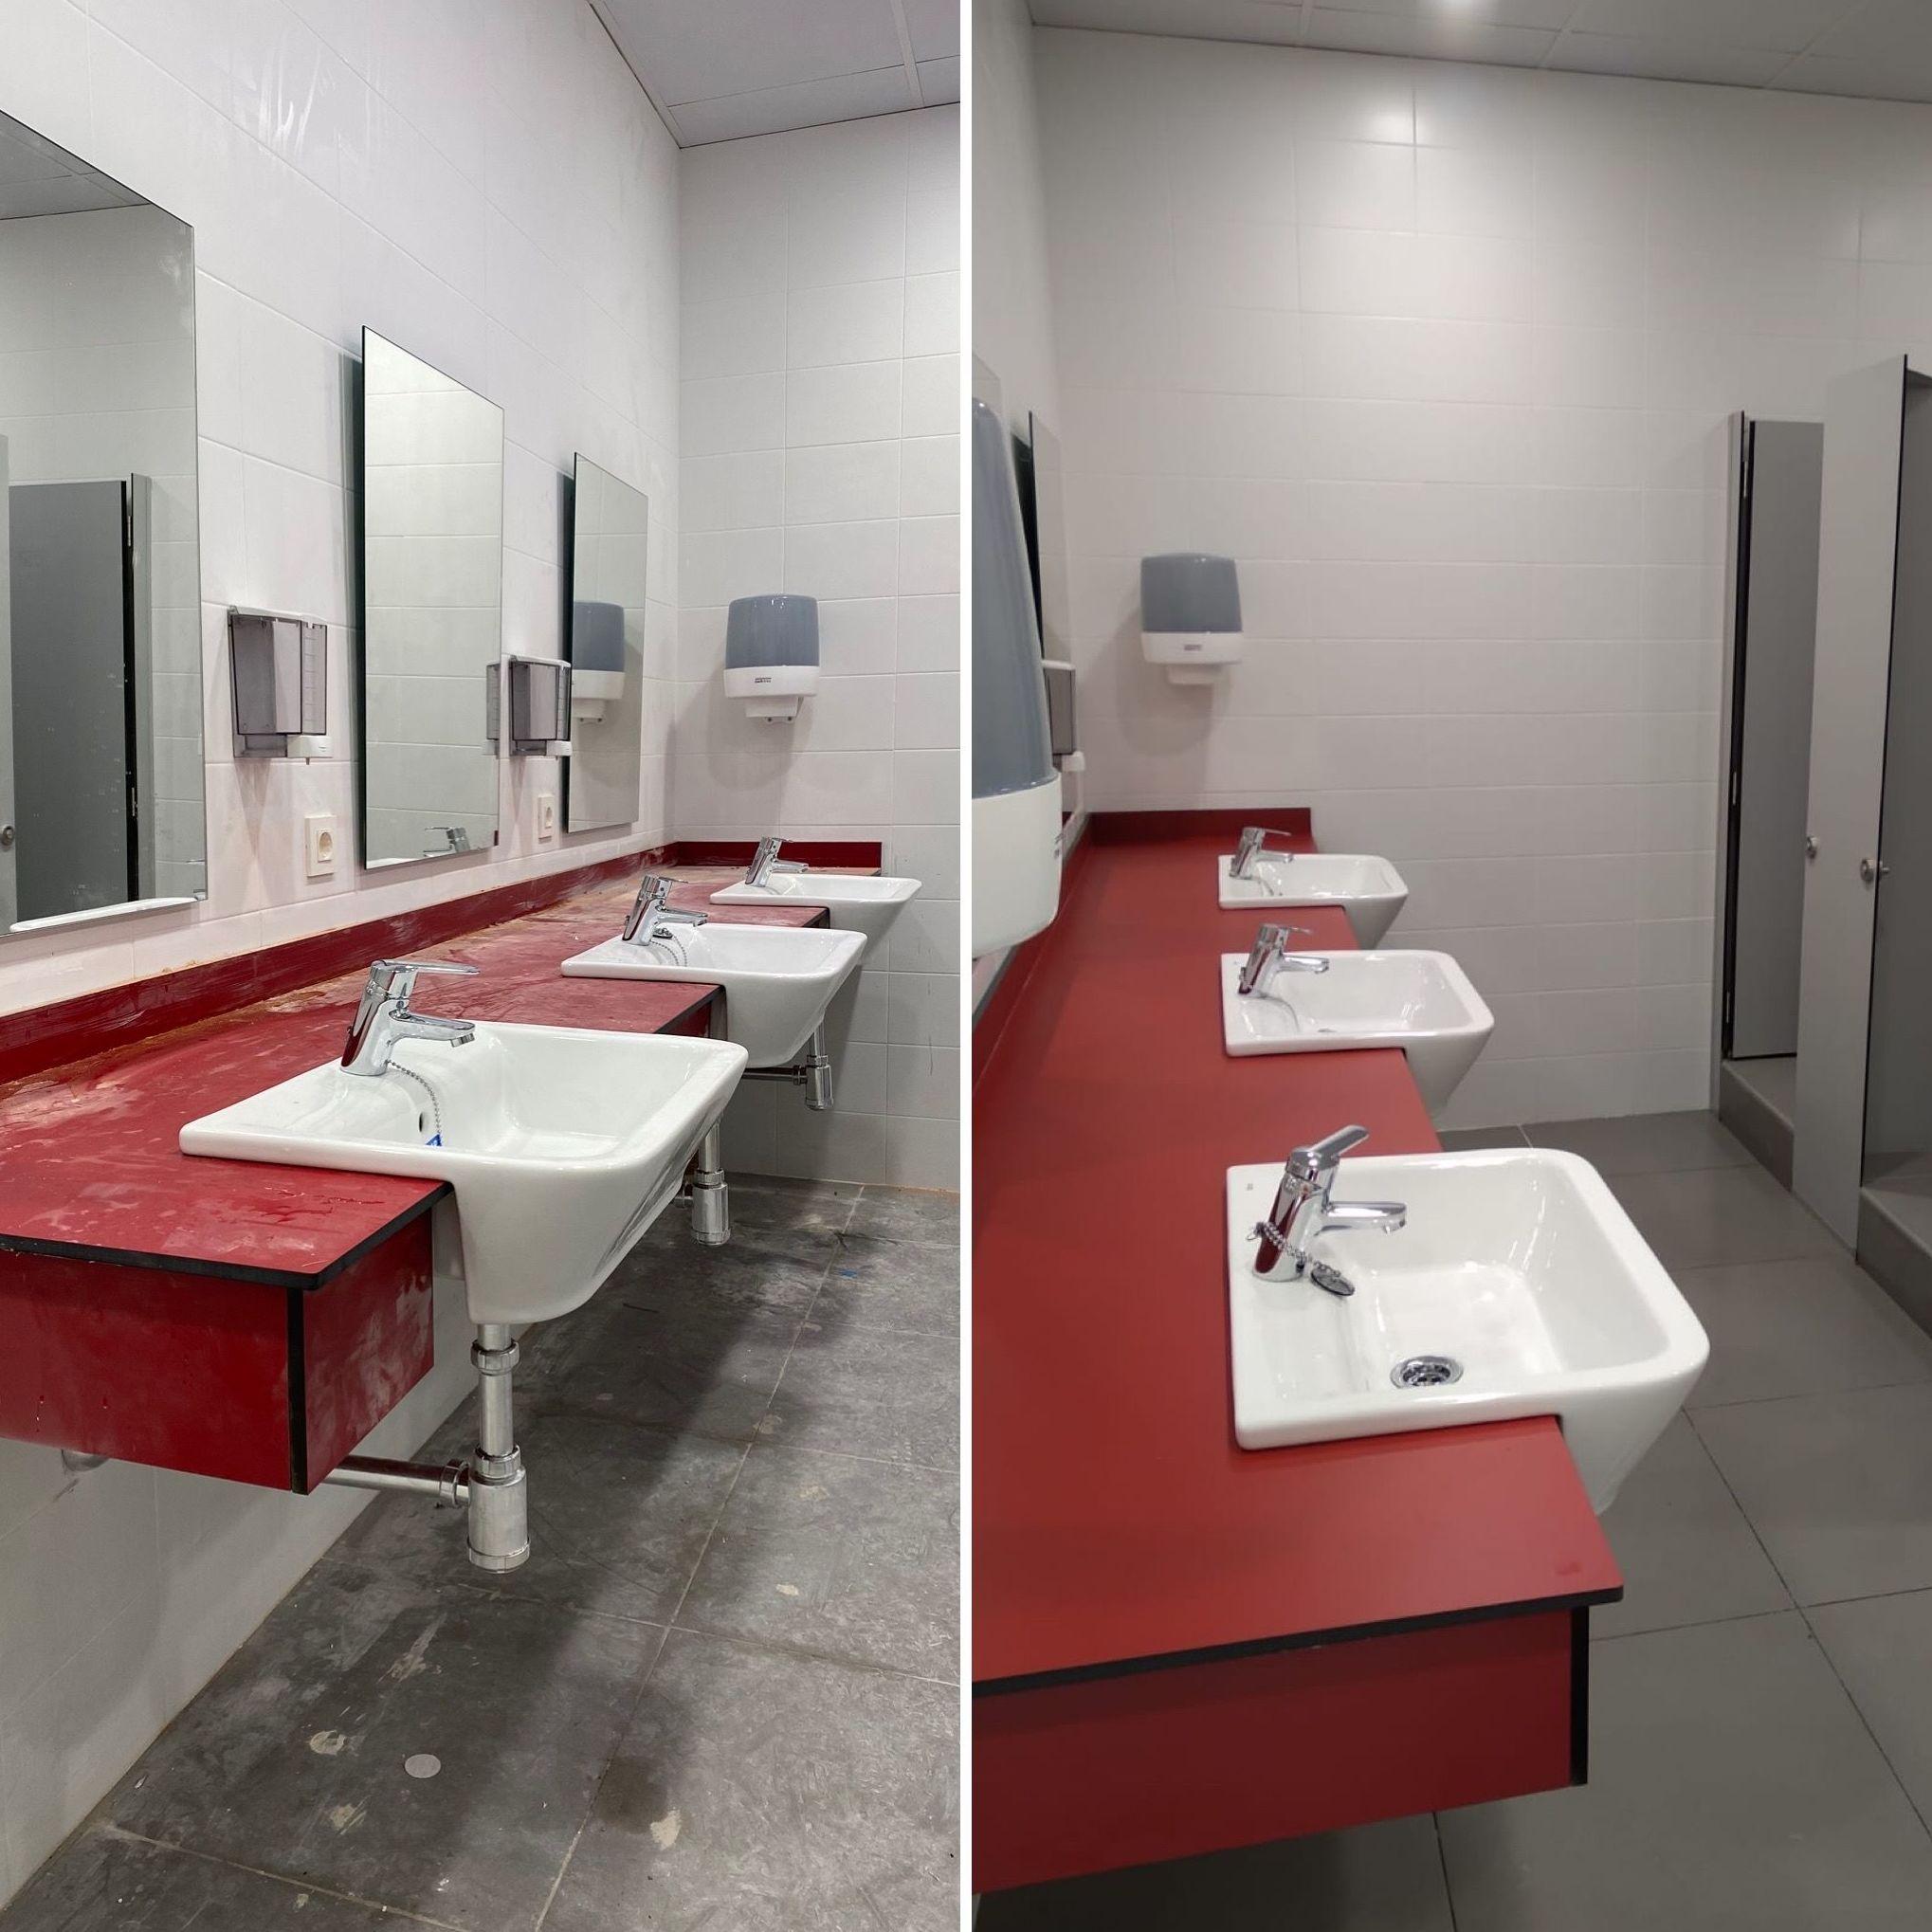 Limpieza de obra nueva (antes y después)